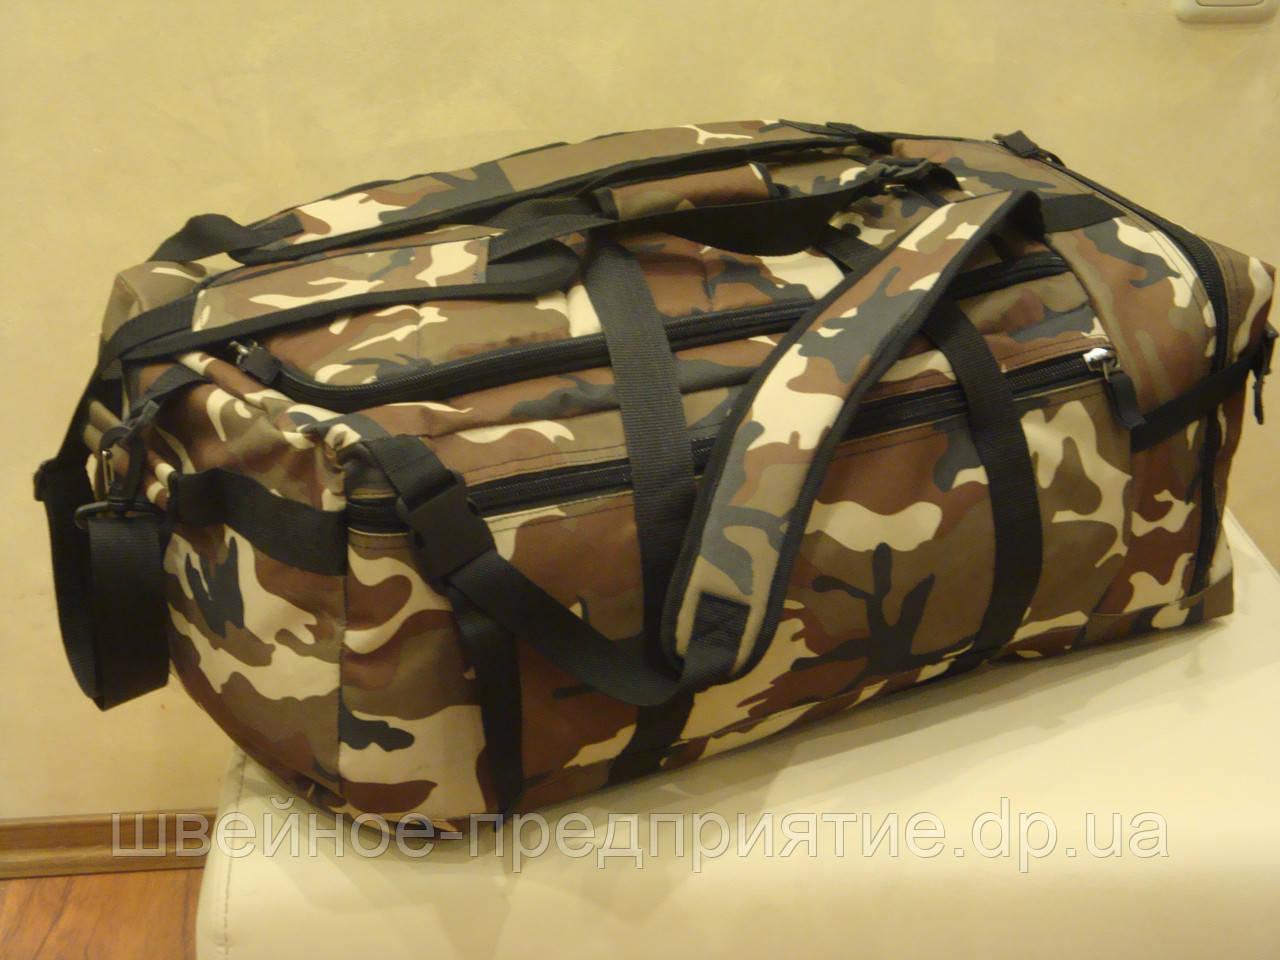 Сумка-рюкзак тактический (цвета: ВСУ, мультикам, чёрный )